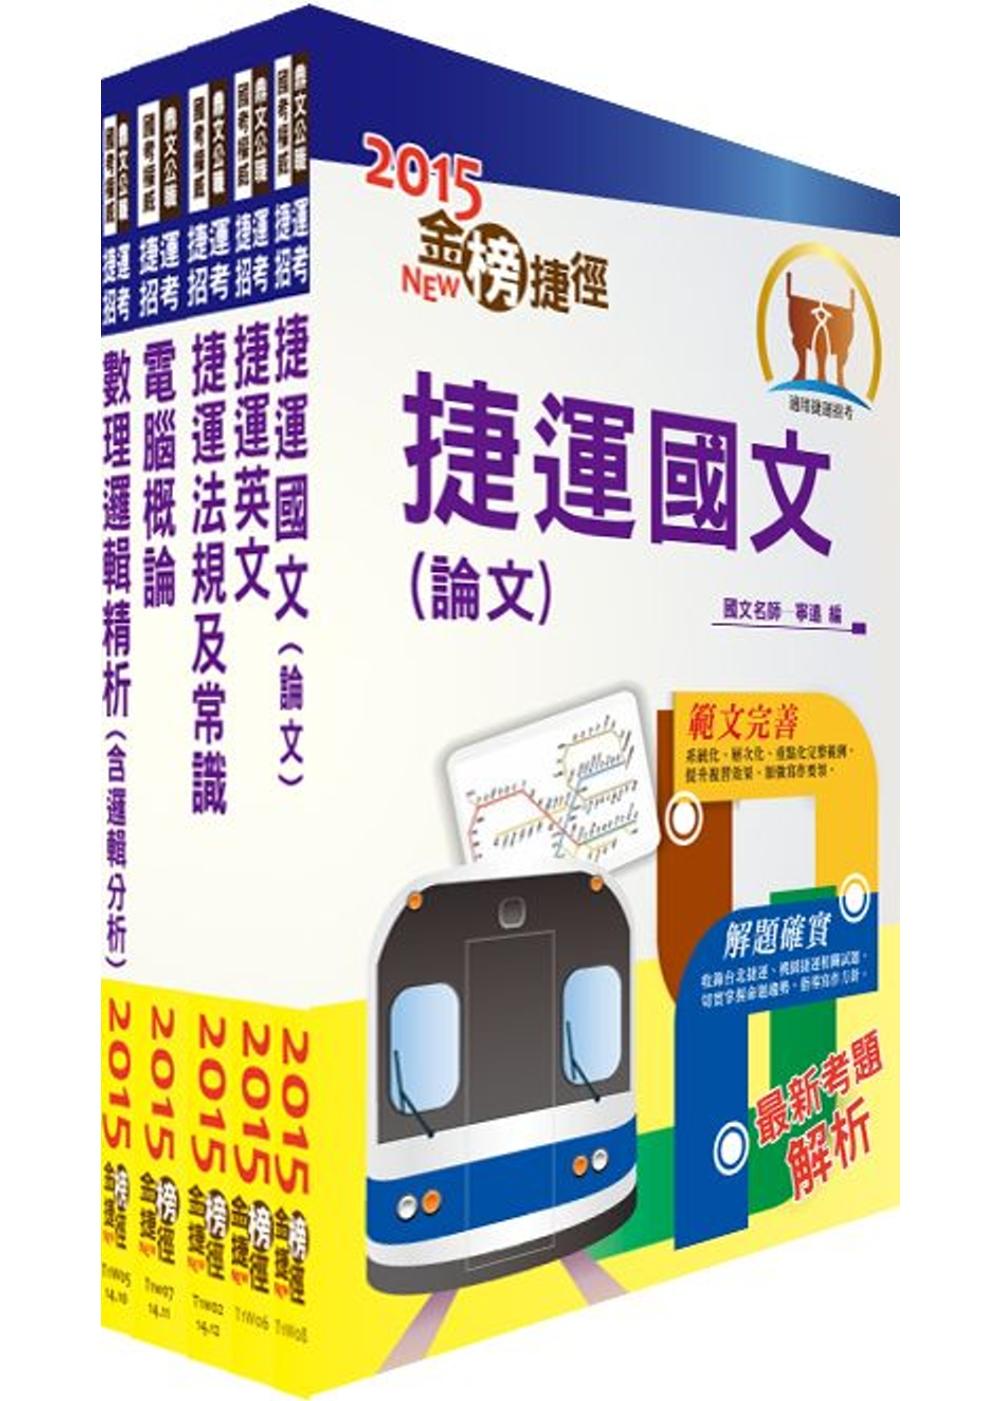 104年台北捷運招考(助理控制員-運務)套書(不含軌道工程)(獨家贈送線上題庫)